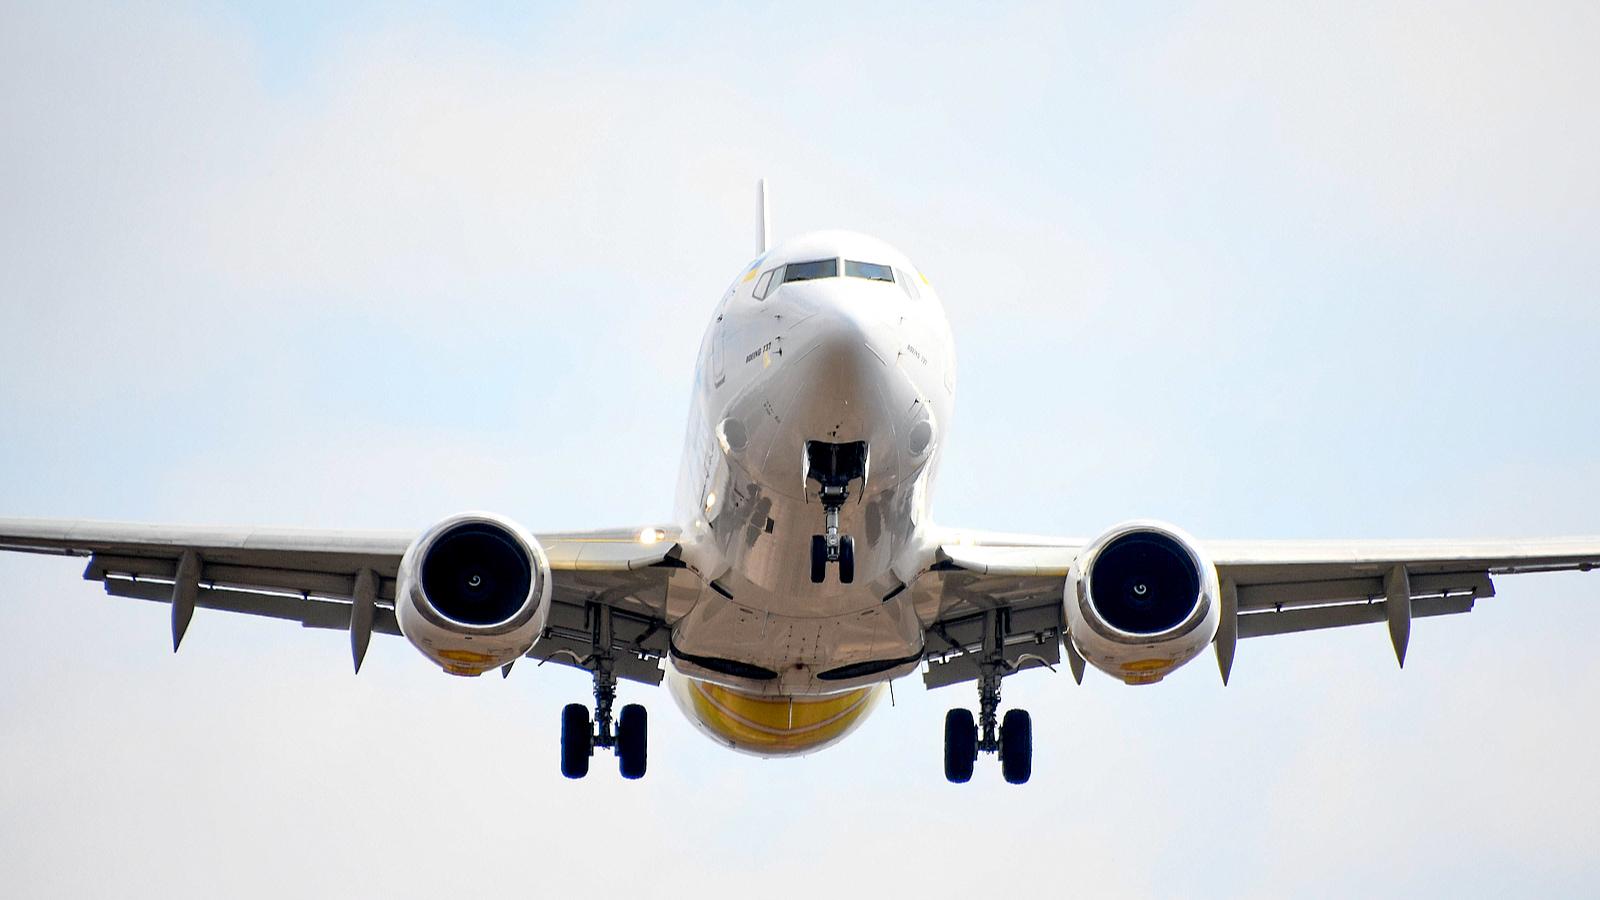 Дочекалися! Bees Airline розпочинає продаж авіаквитків на міжнародні регулярні рейси!